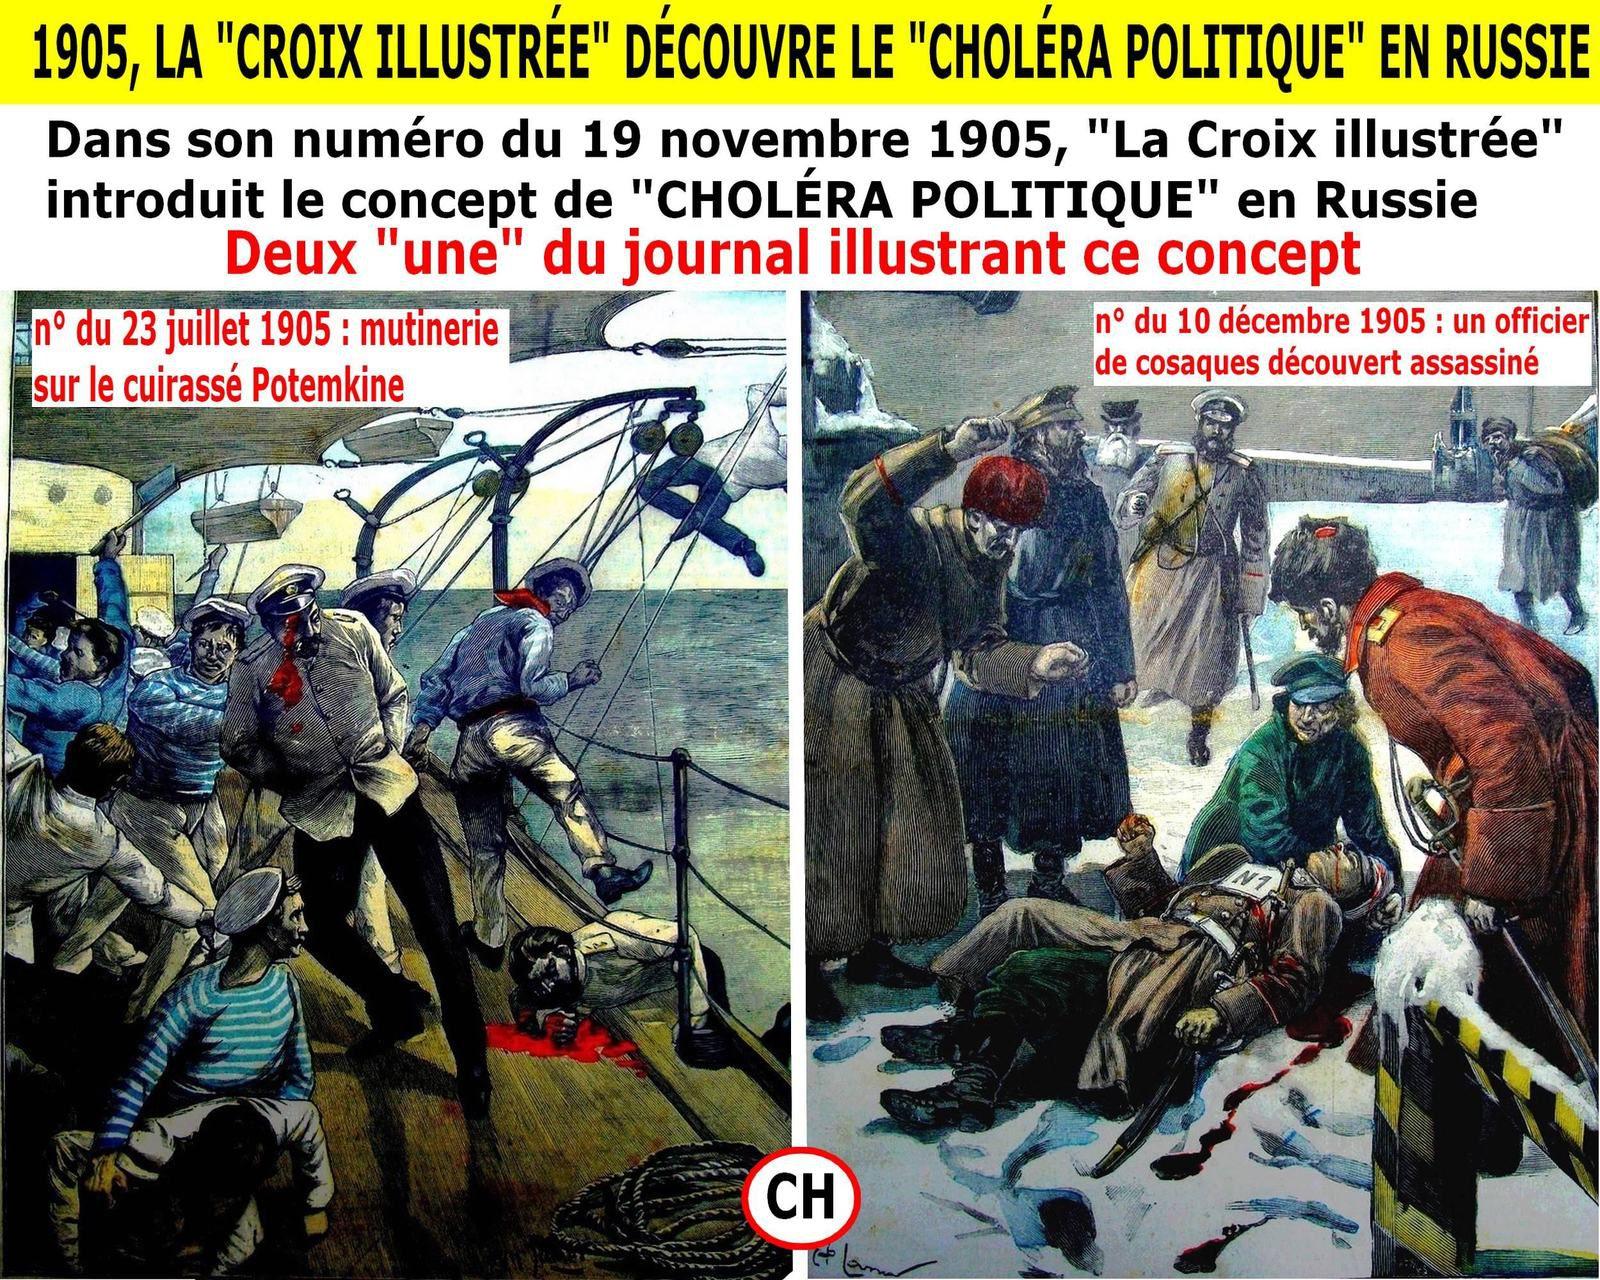 1905, La Croix Illustrée découvre le choléra politique en Russie.jpg